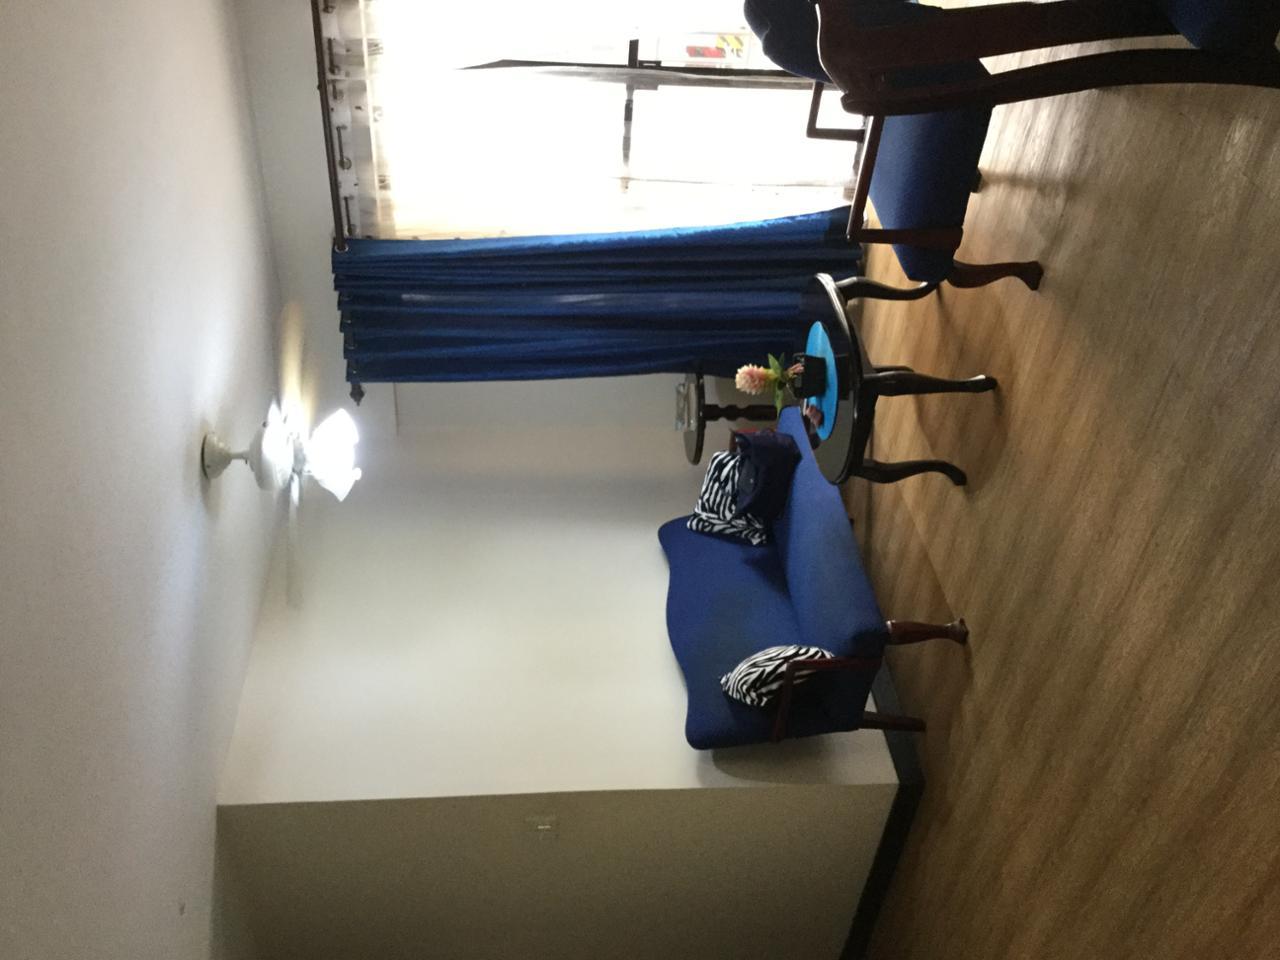 Condominium For Rent in Ohana Place Dmci, Almanza Uno, Metro Manila